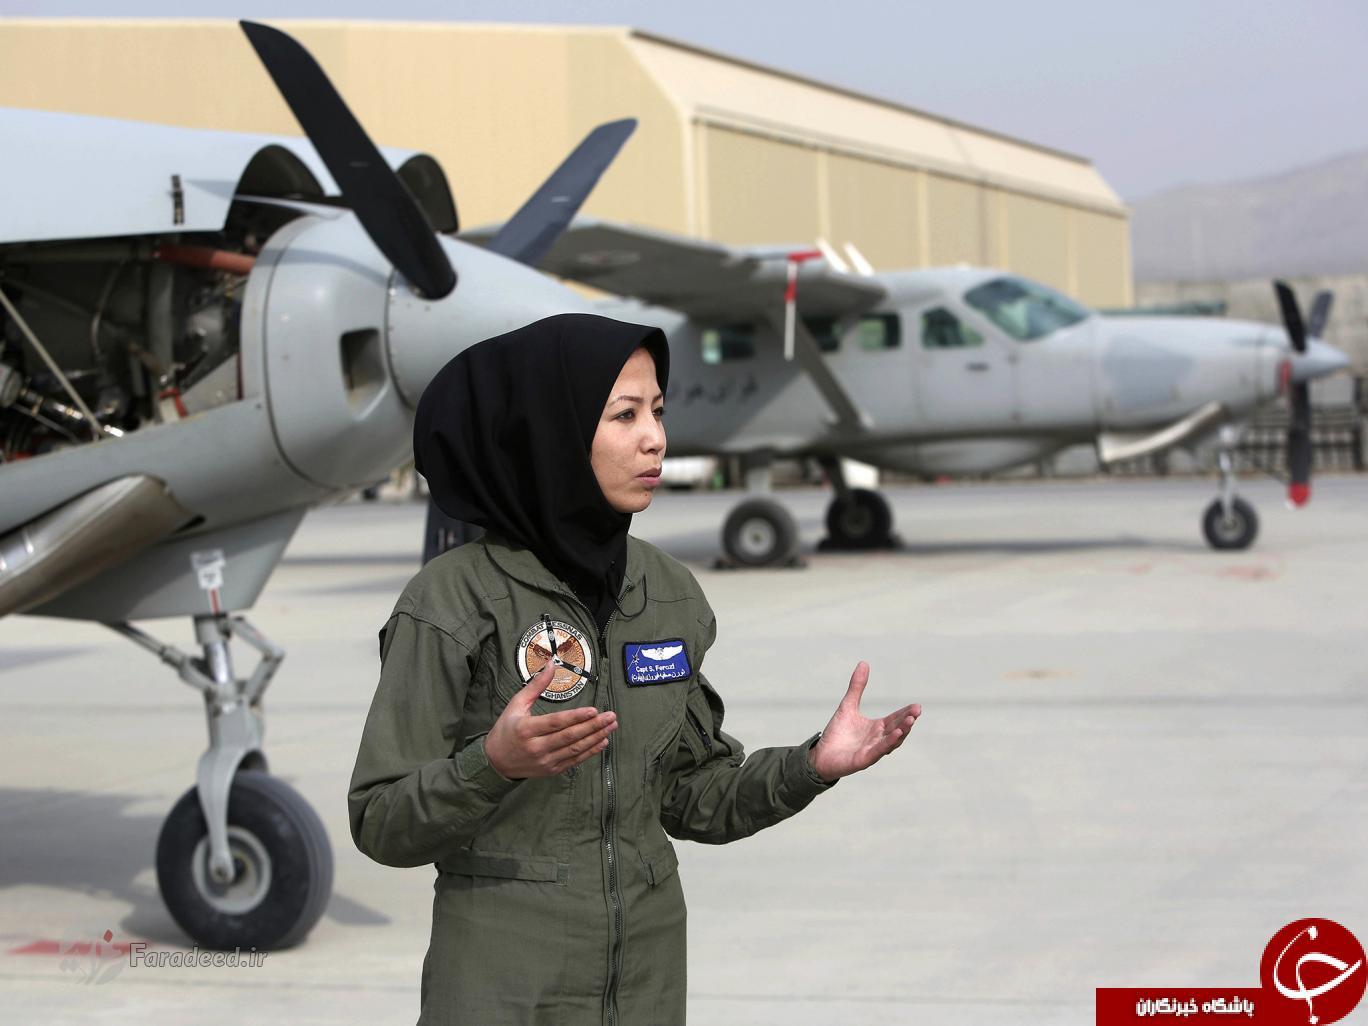 زن افغانی که از پناهندگی به خلبانی رسید!